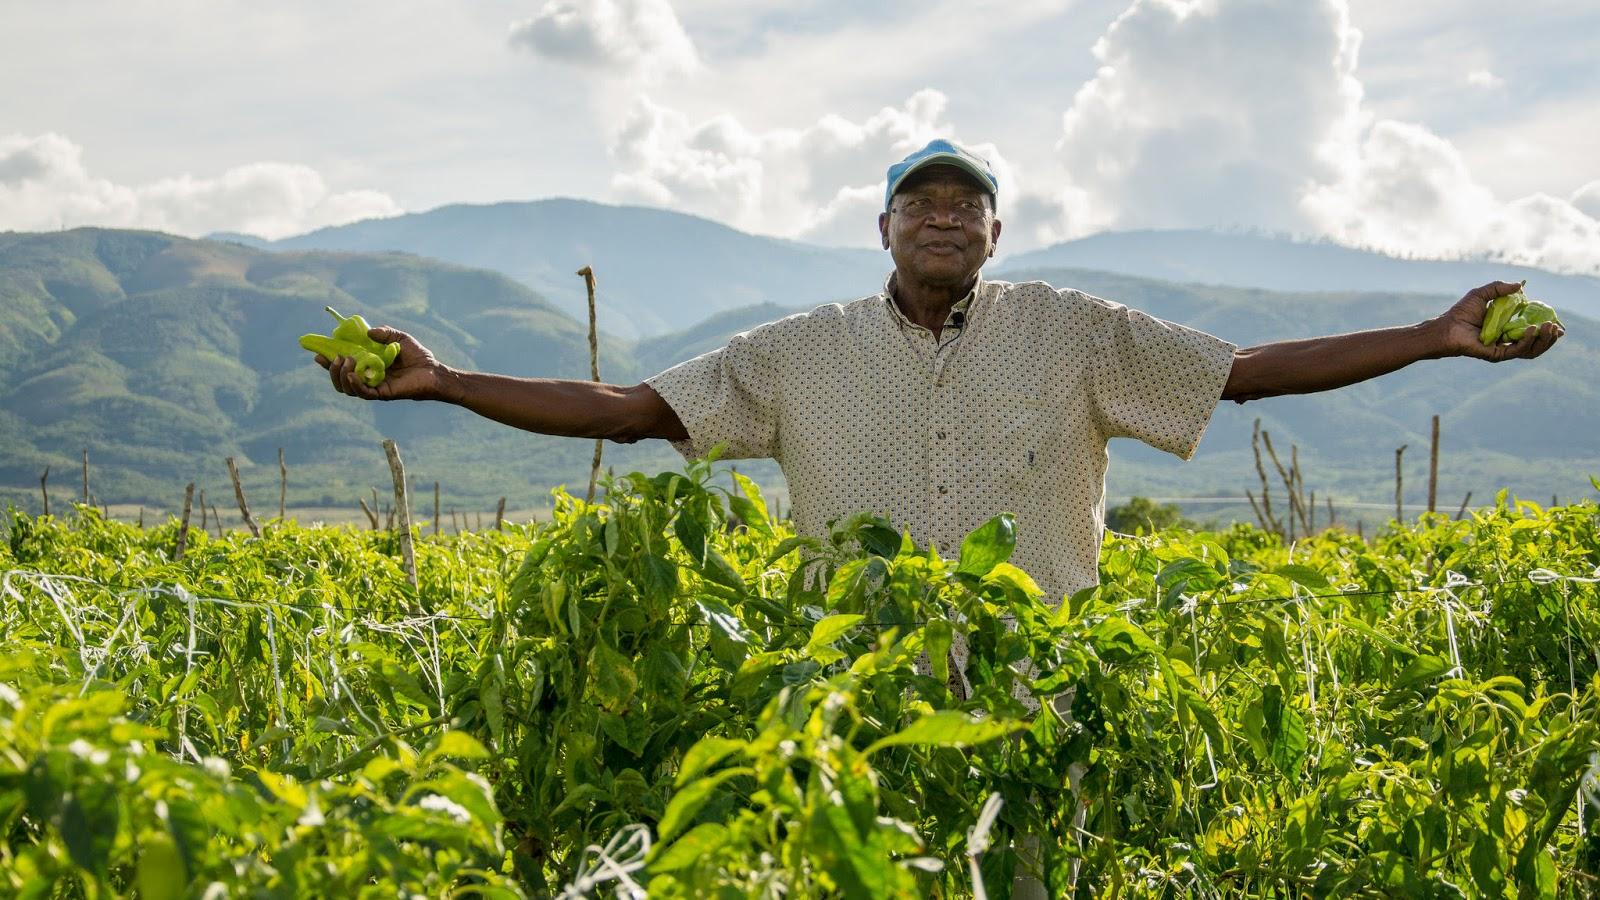 Presidente Danilo Medina valora laboriosidad agricultores dominicanos, artífices de soberanía alimentaria